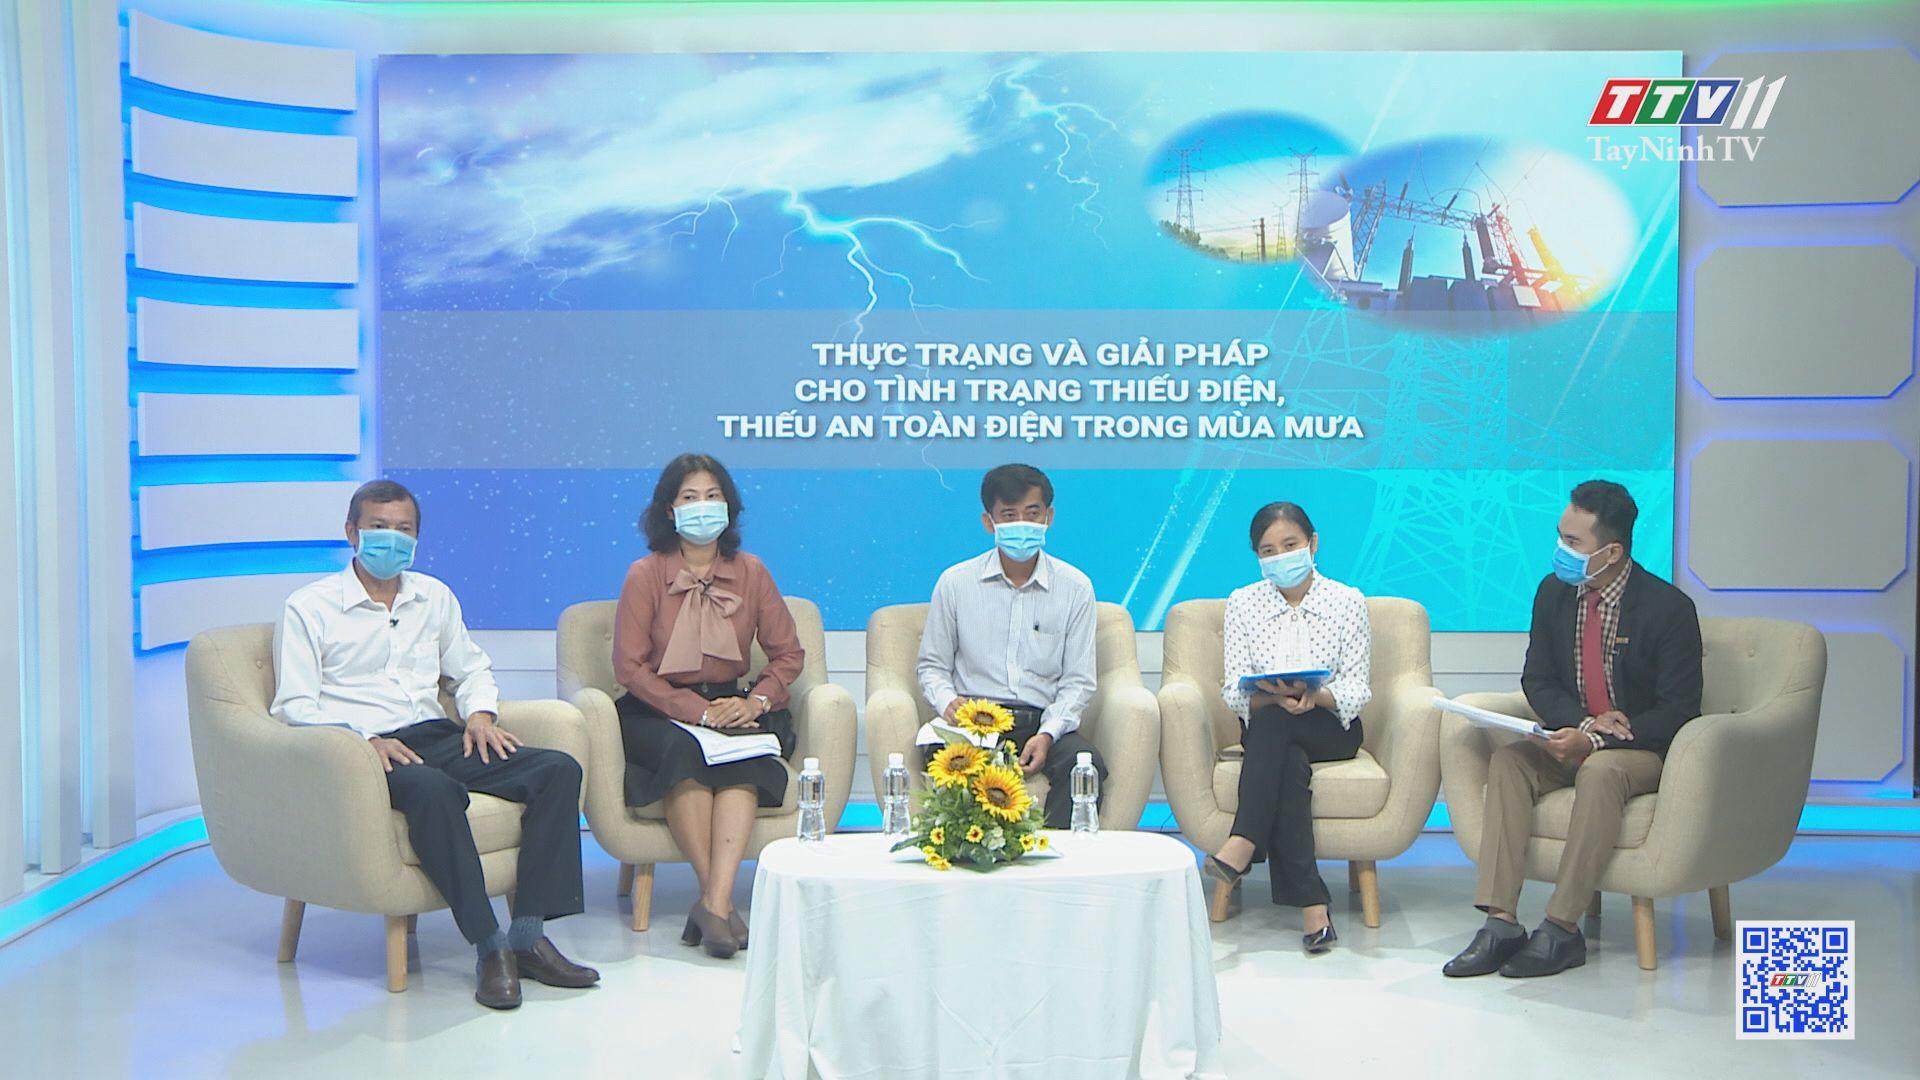 Thực trạng và giải pháp cho tình trạng thiếu điện, thiếu an toàn điện trong mùa mưa | TIẾNG NÓI CỬ TRI | TayNinhTV